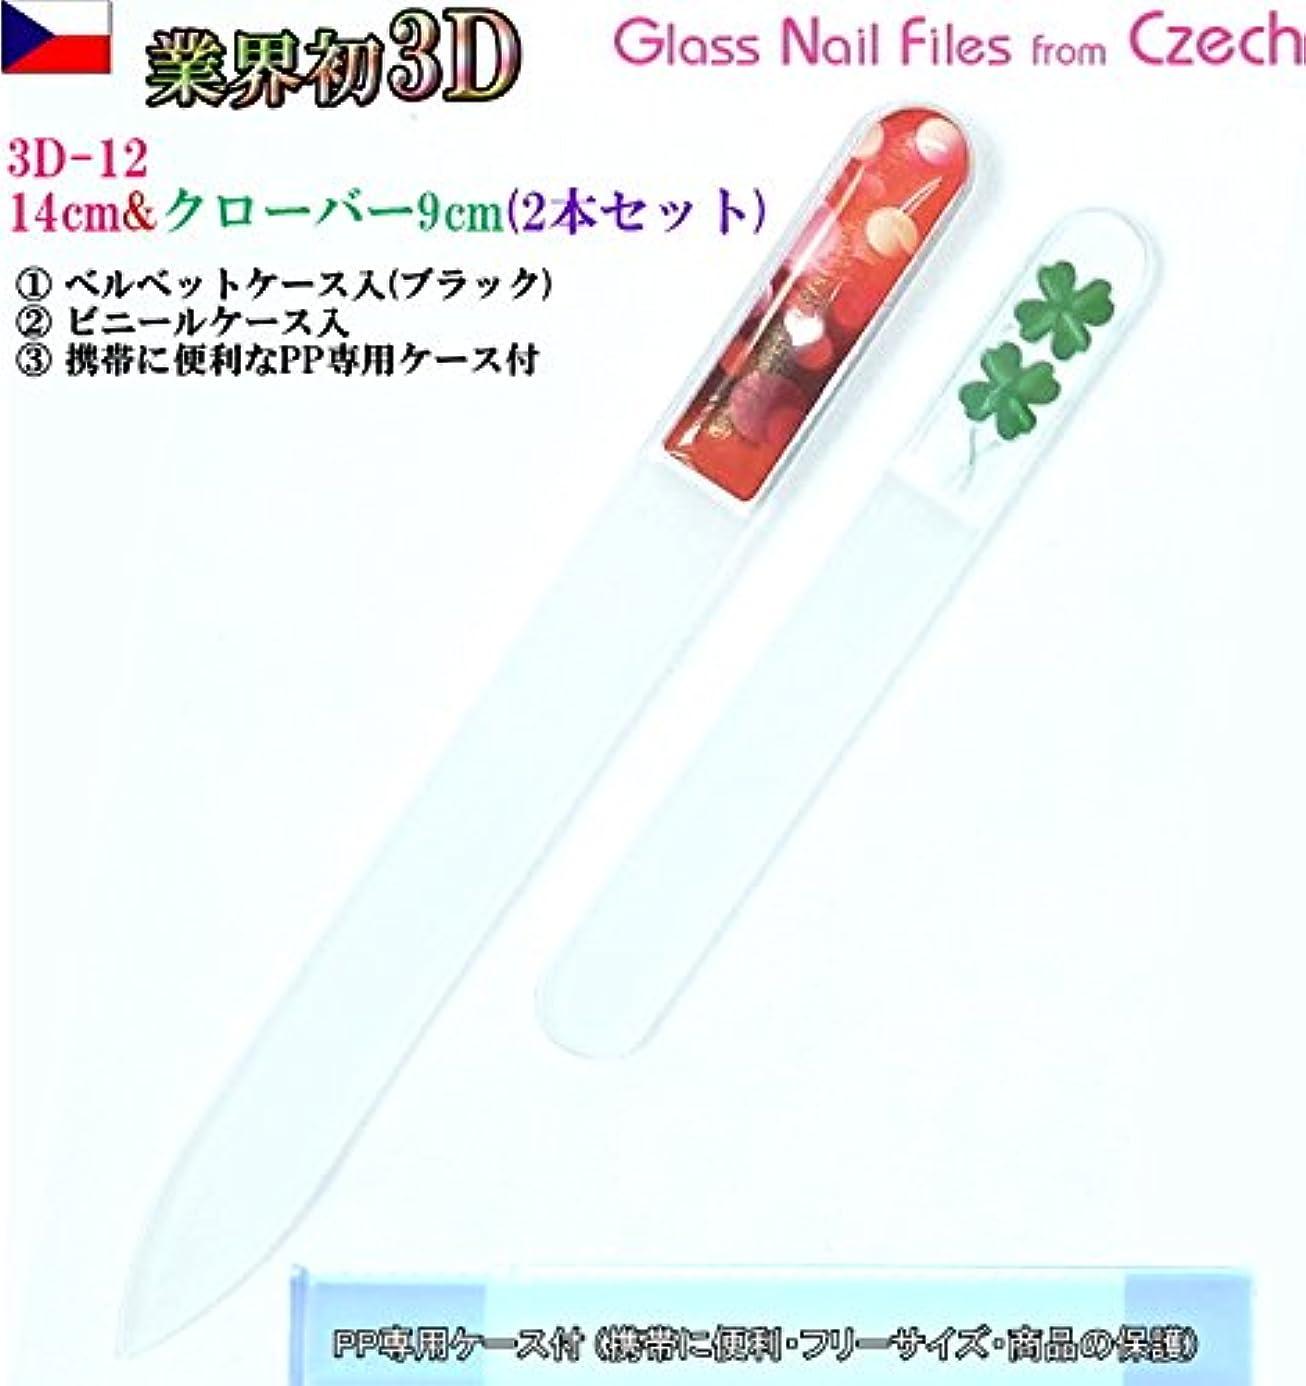 コーンオートメーション波BISON 3D チェコ製ガラス爪ヤスリ 2Pセット M12&Sクローバー各両面仕上げ ?専用ケース付